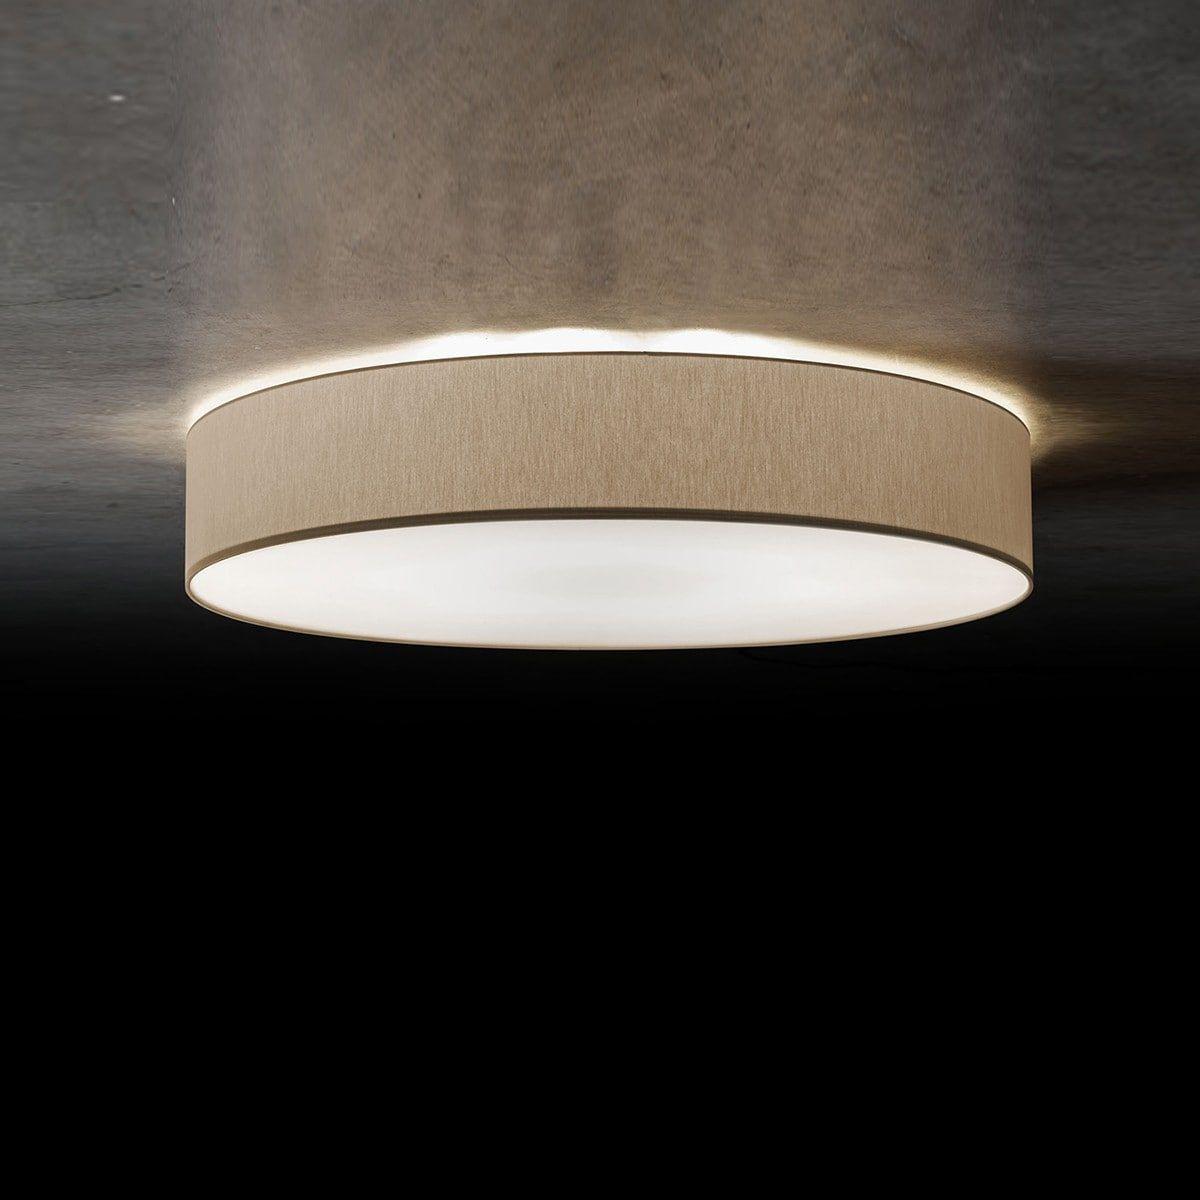 led lampe decke flach | deckenleuchte weiß gold